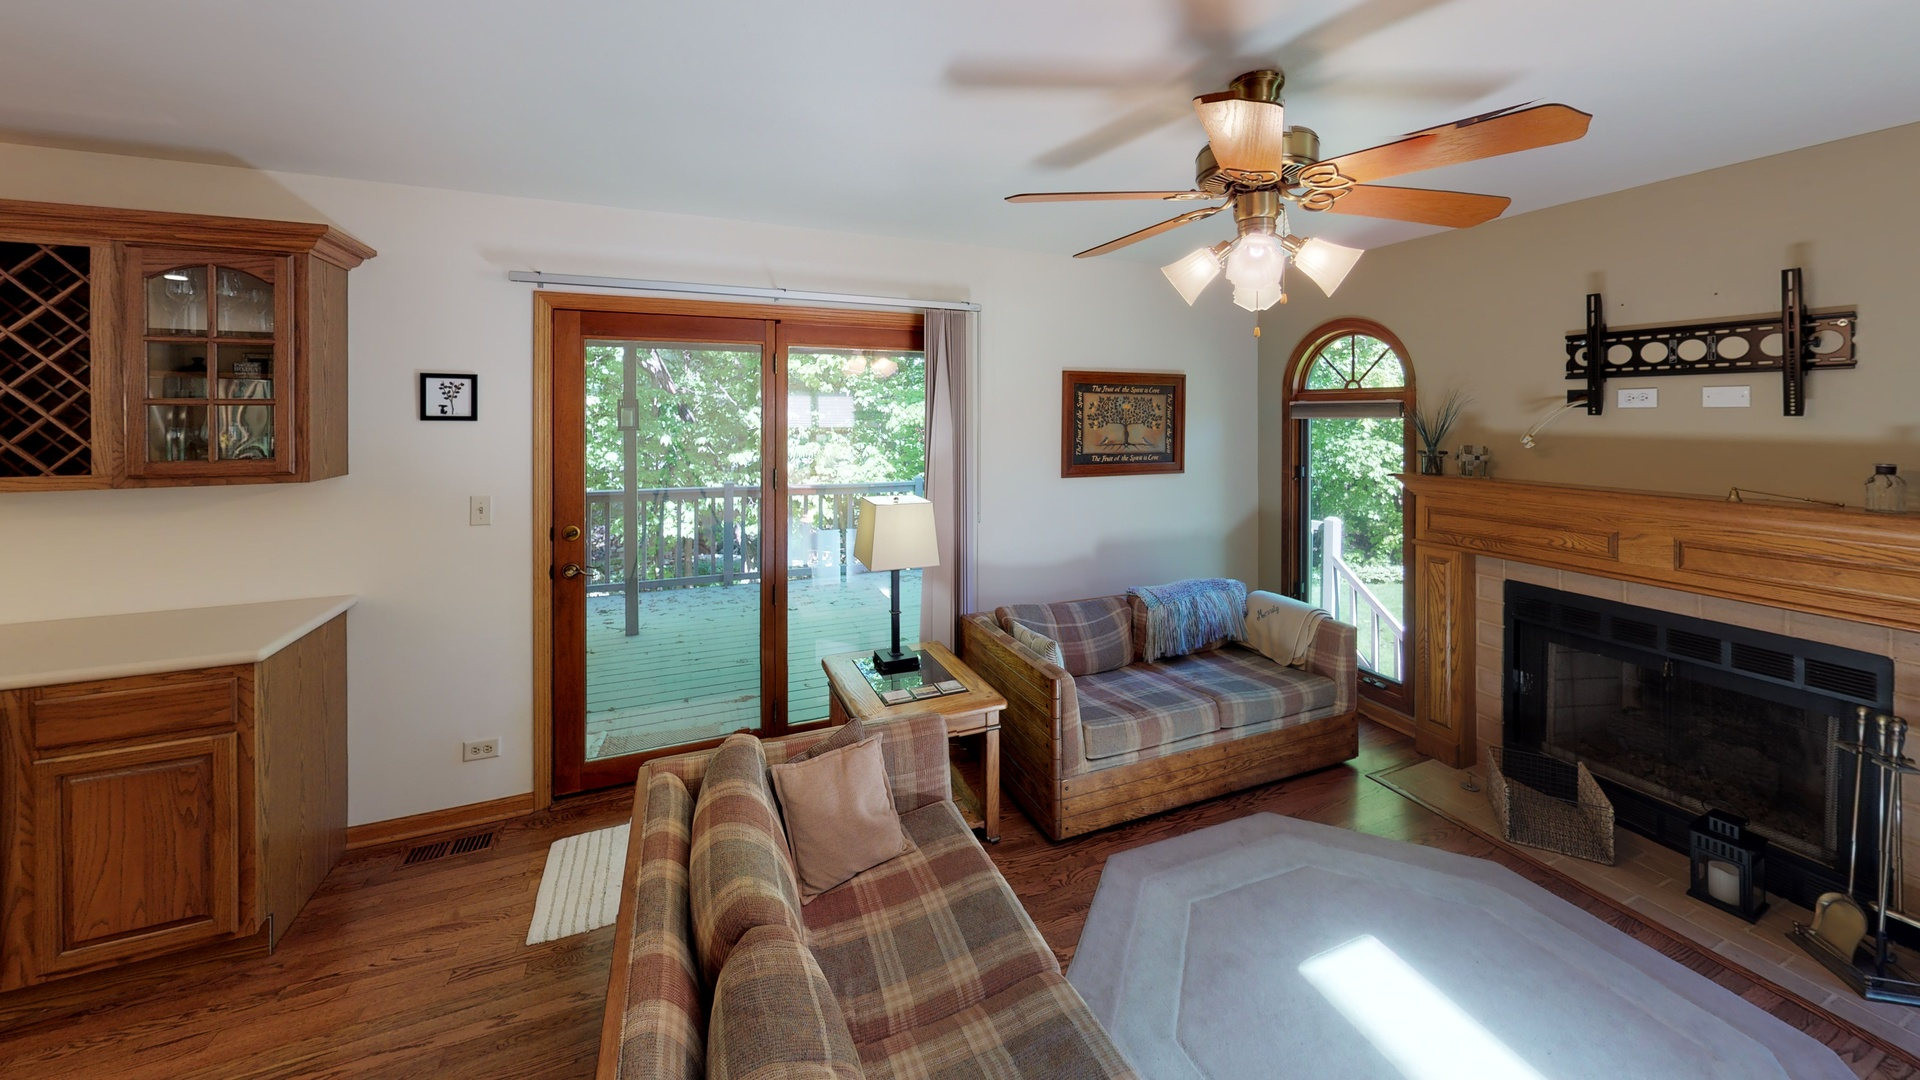 624 Walnut Oaks, Roselle, Illinois, 60172